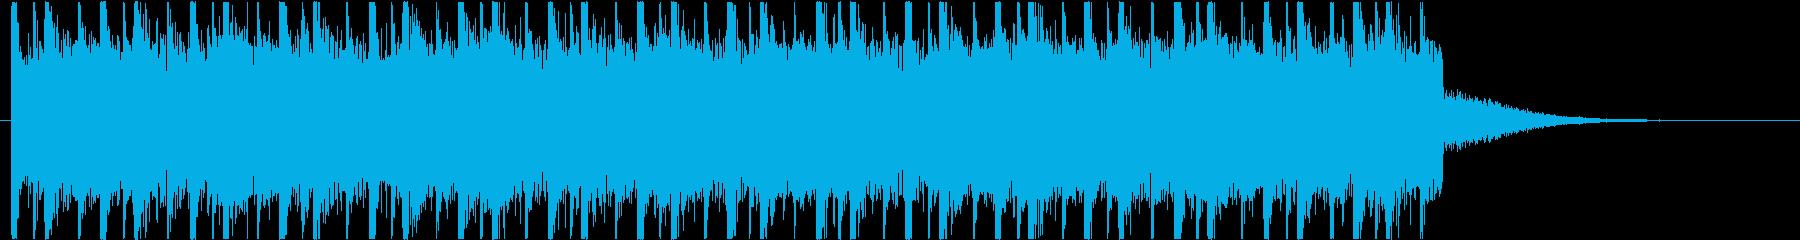 お洒落でクールでゆったりなチルウェイブの再生済みの波形